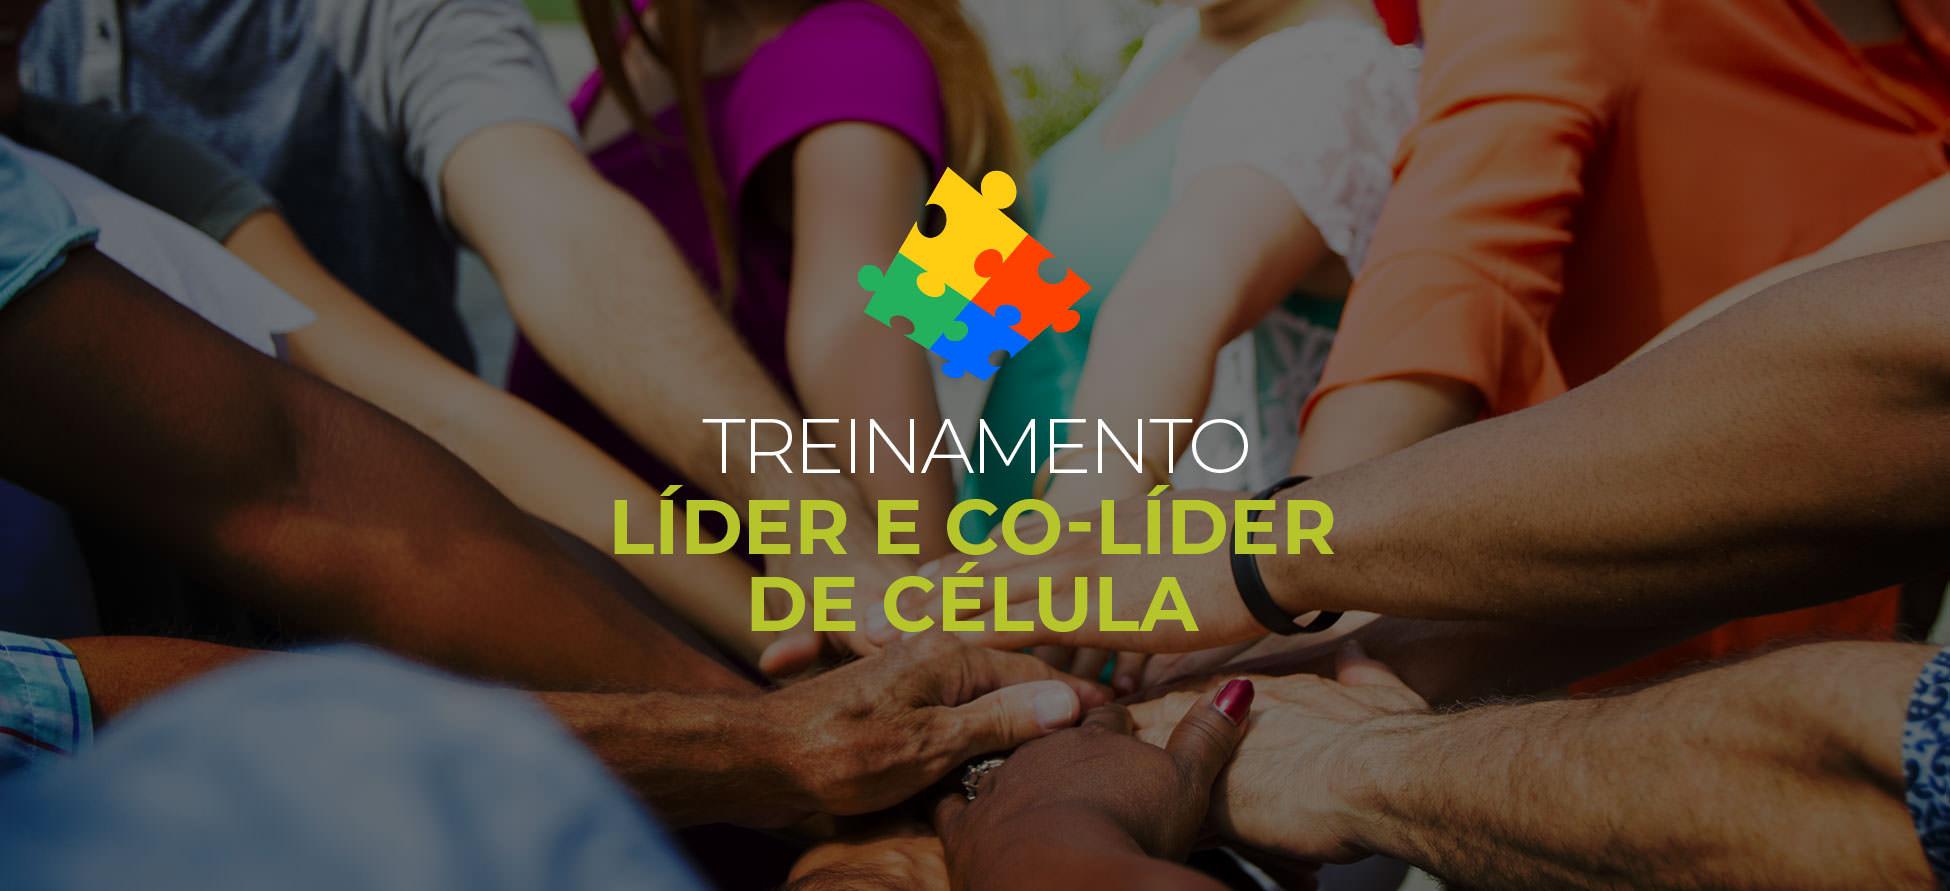 Website_1950x891px_Treinamento_Celulas